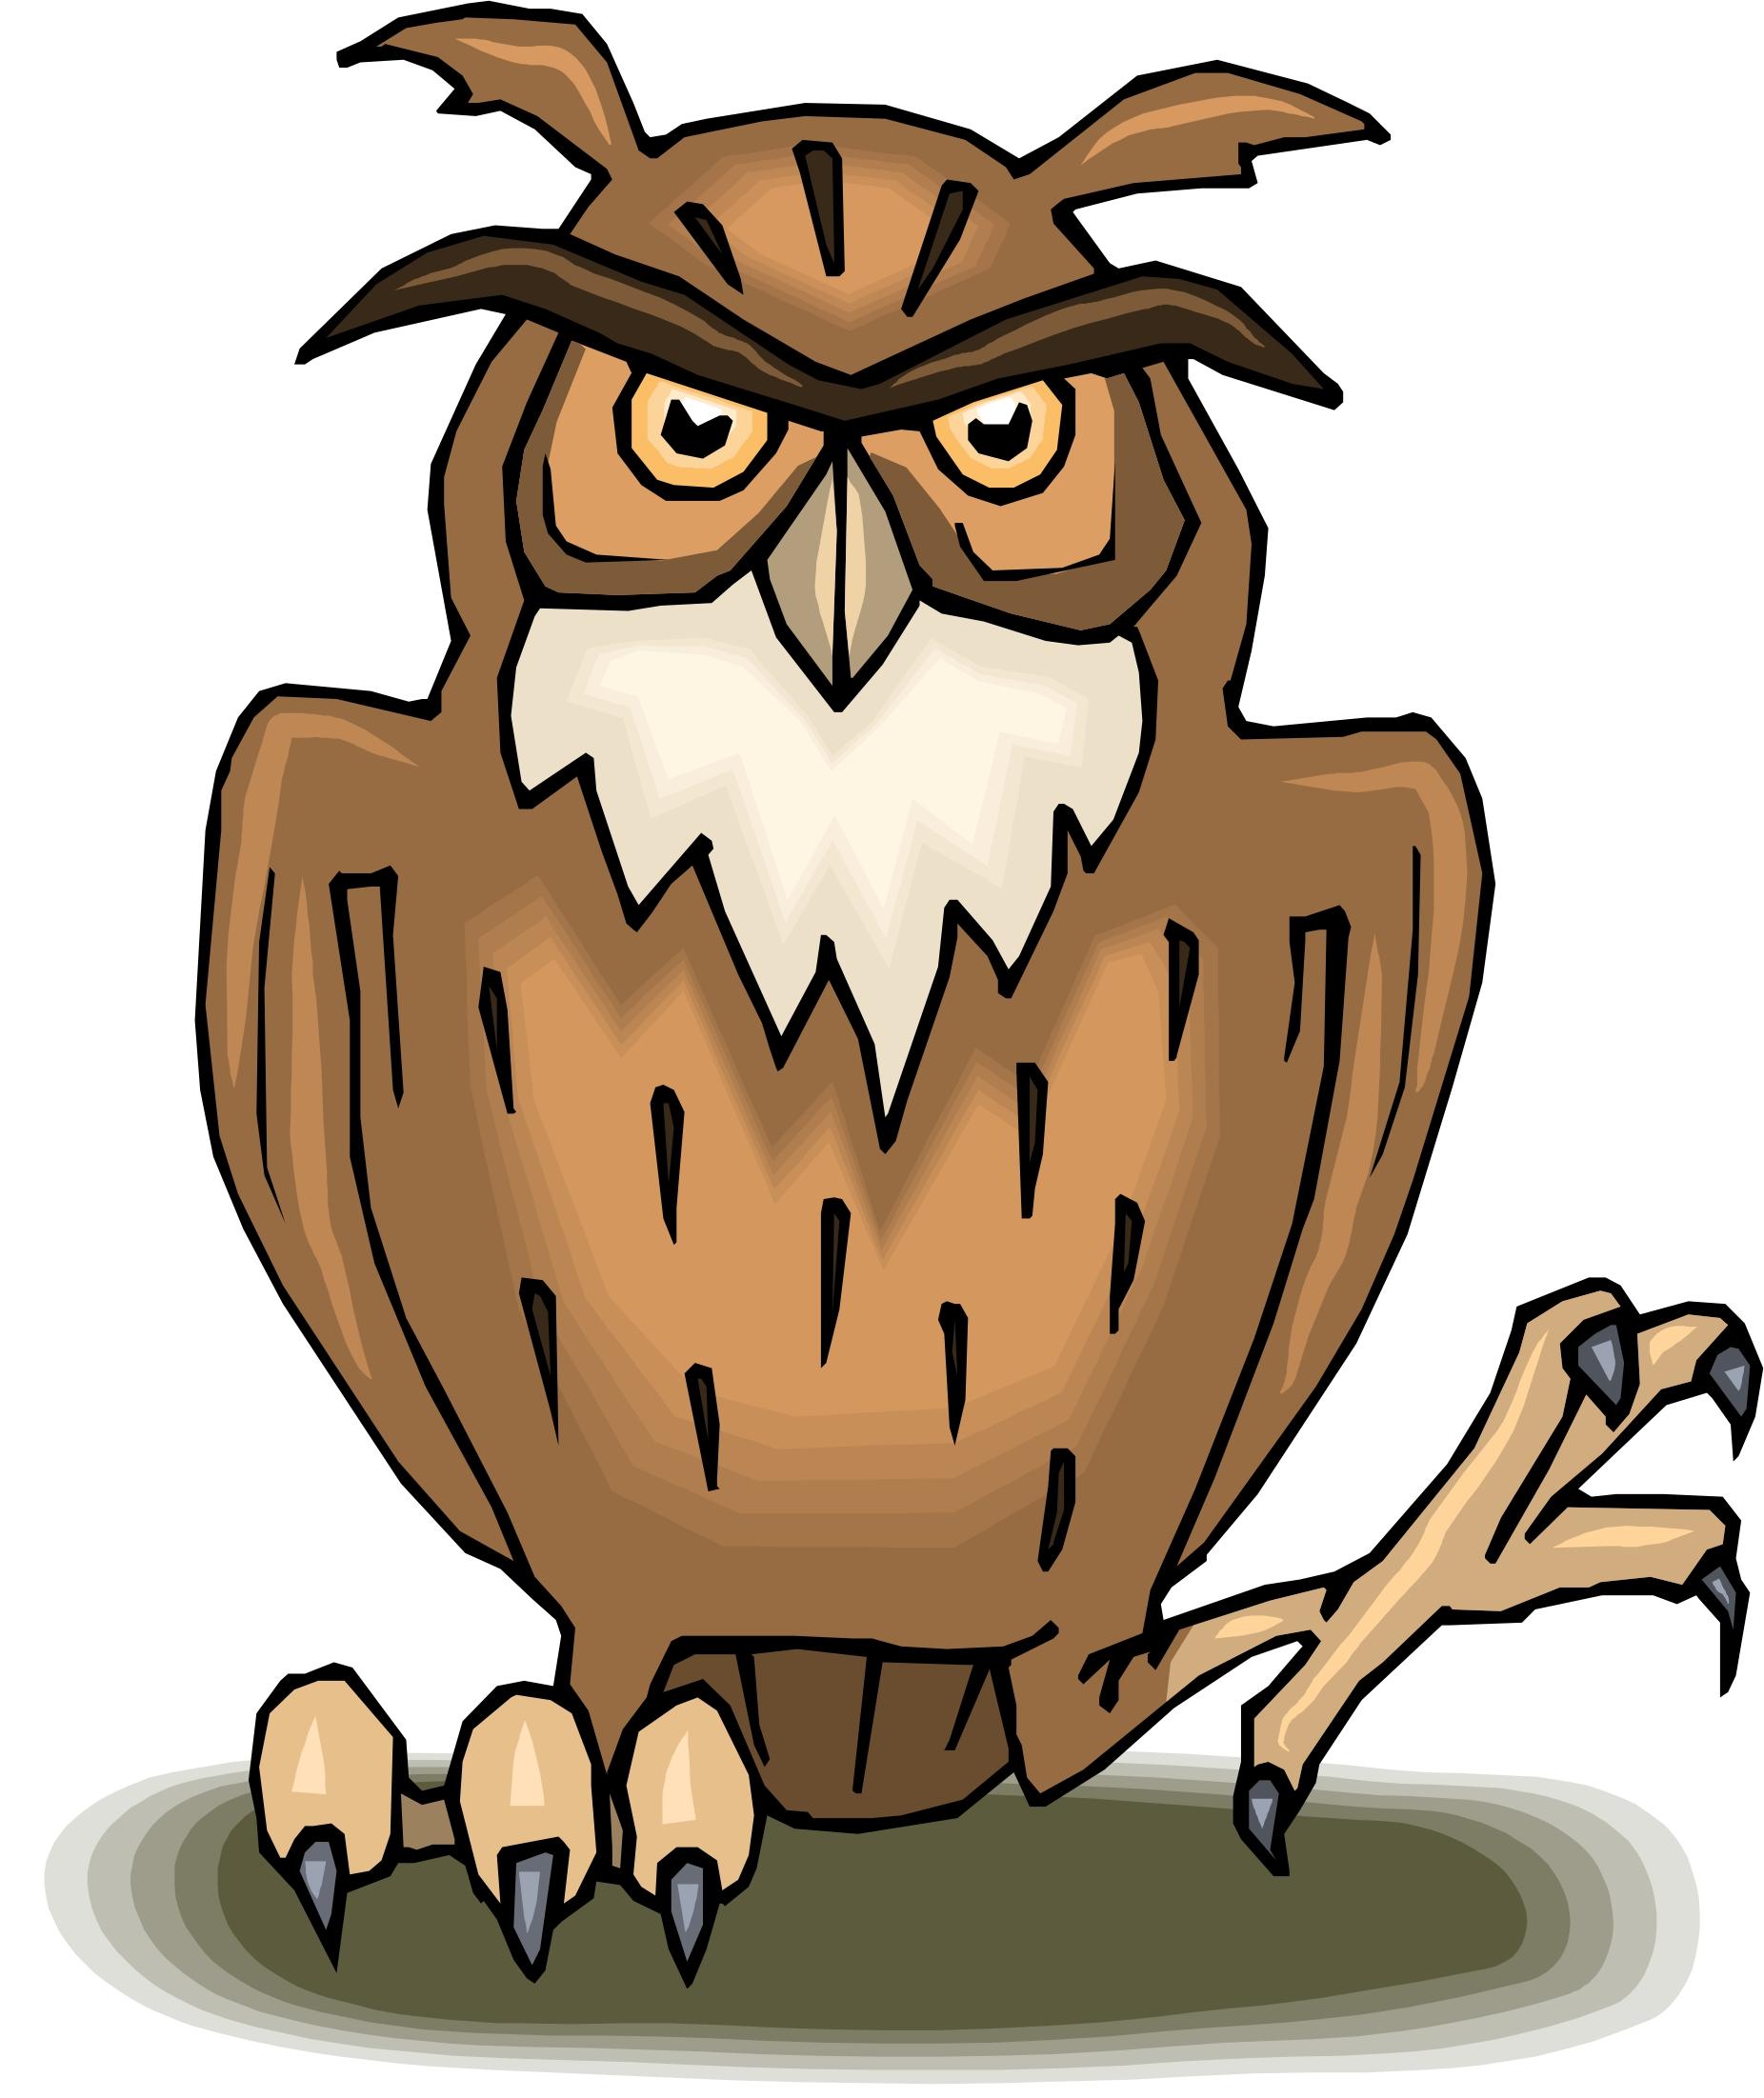 Cartoon Owl - ClipArt Best - ClipArt Best